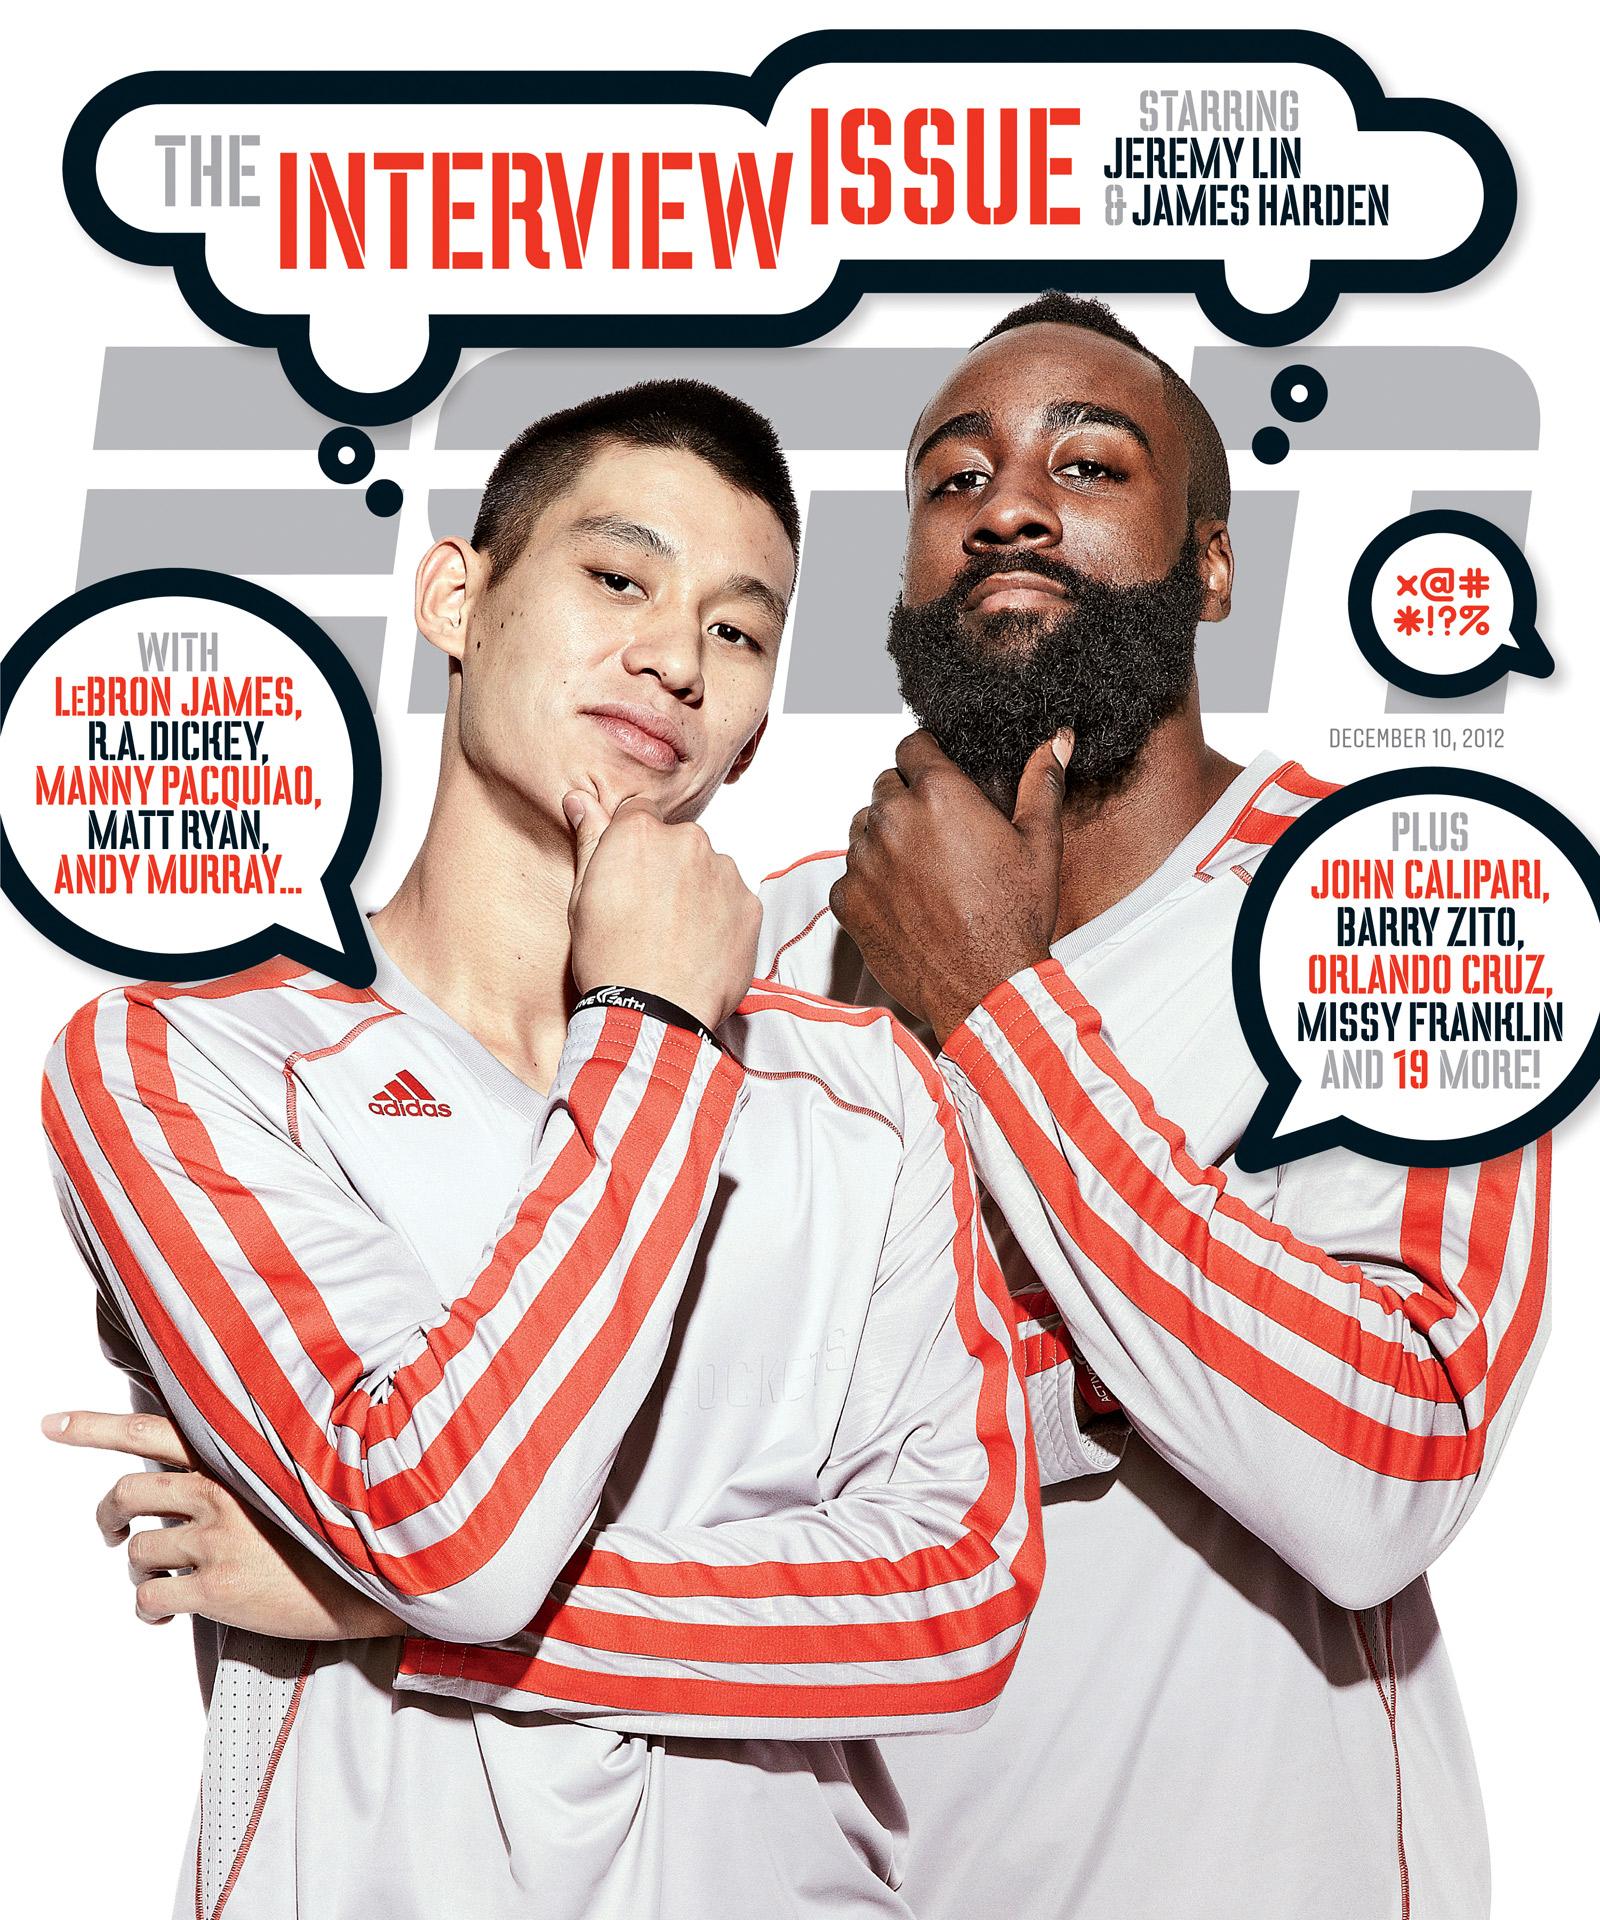 ESPN The Magazine's Interview Issue